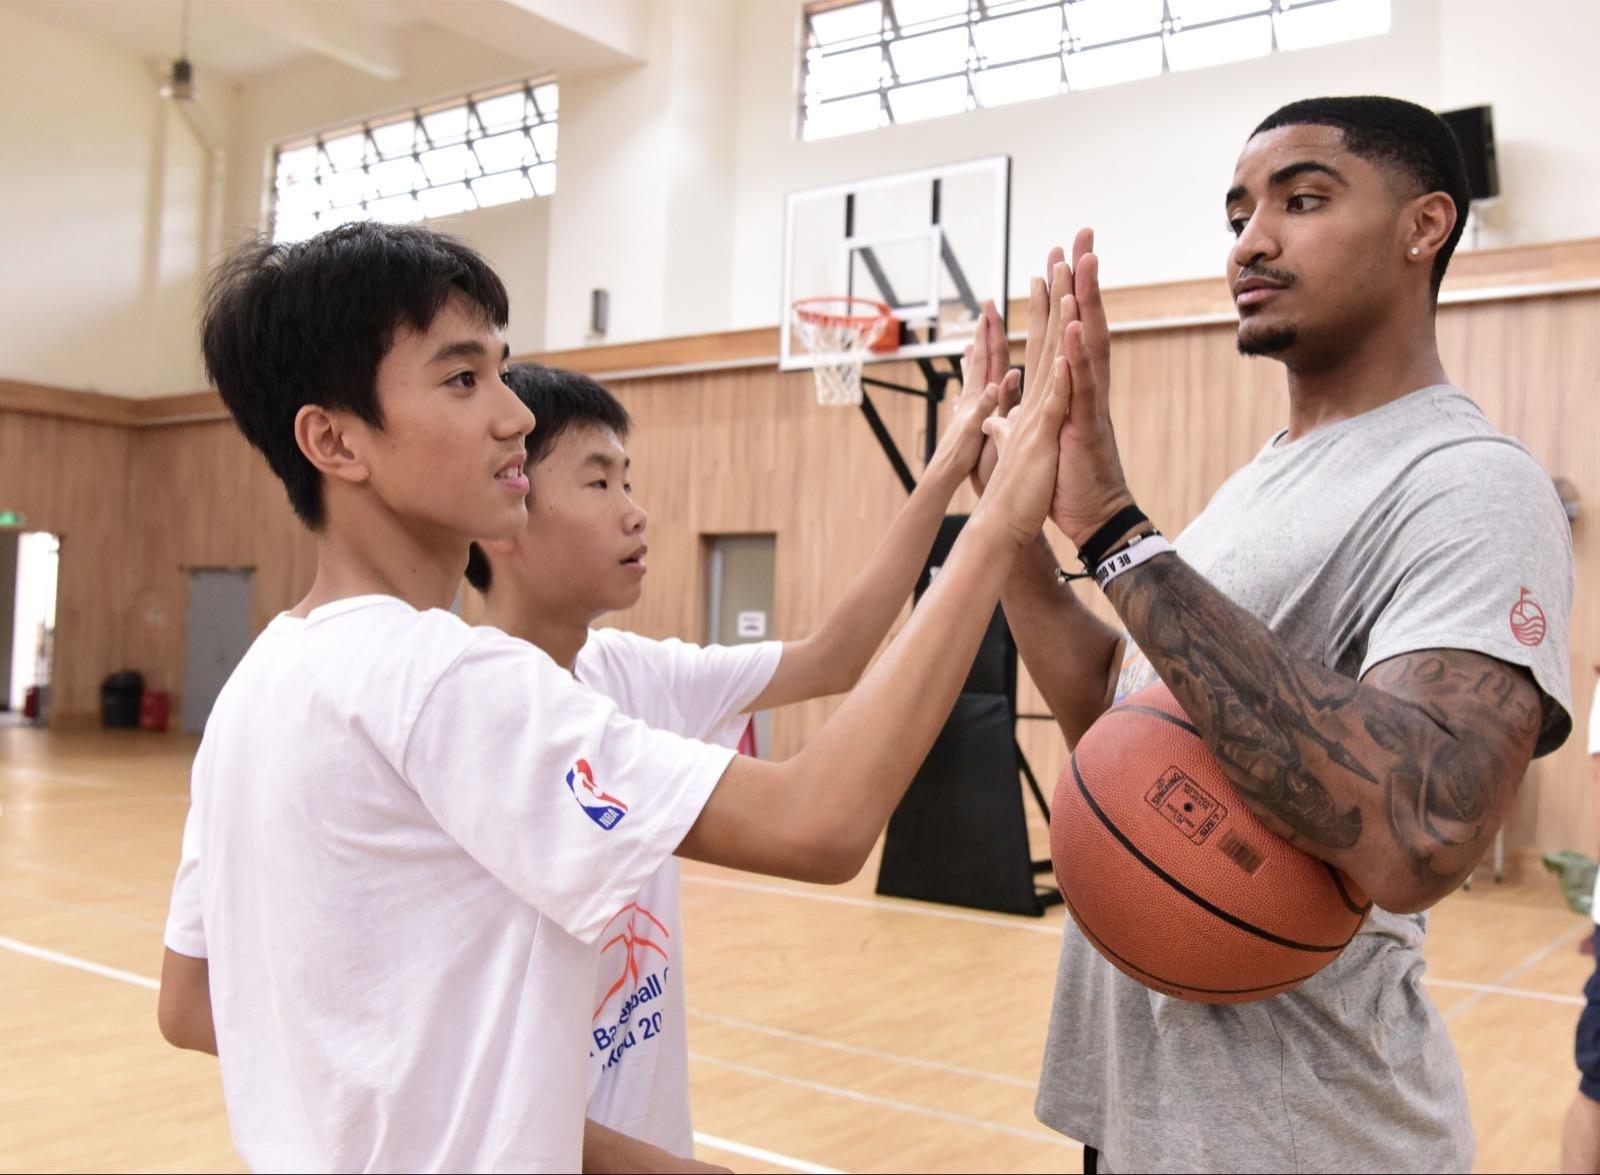 NBA STAR GARY HARRIS THRILLS LOCAL KIDS AT BASKETBALL CAMP IN HAINAN, CHINA 4